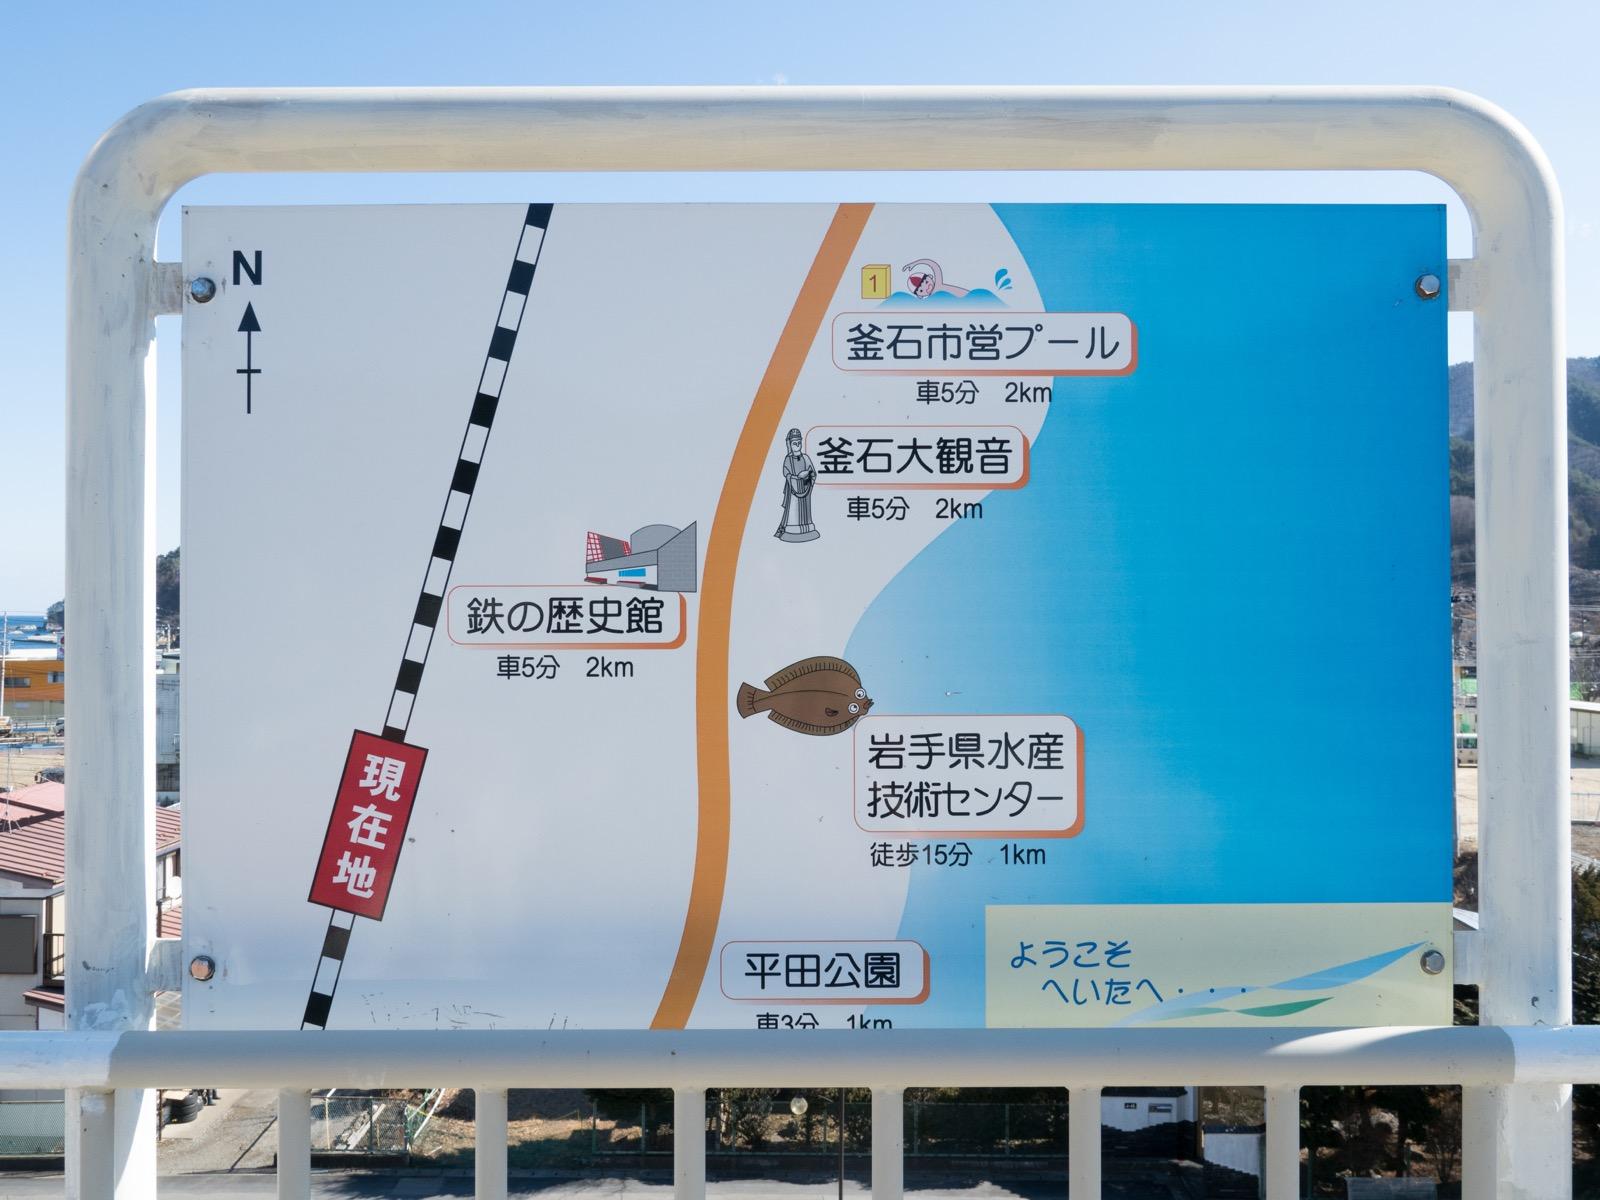 平田駅のホームにある名所案内